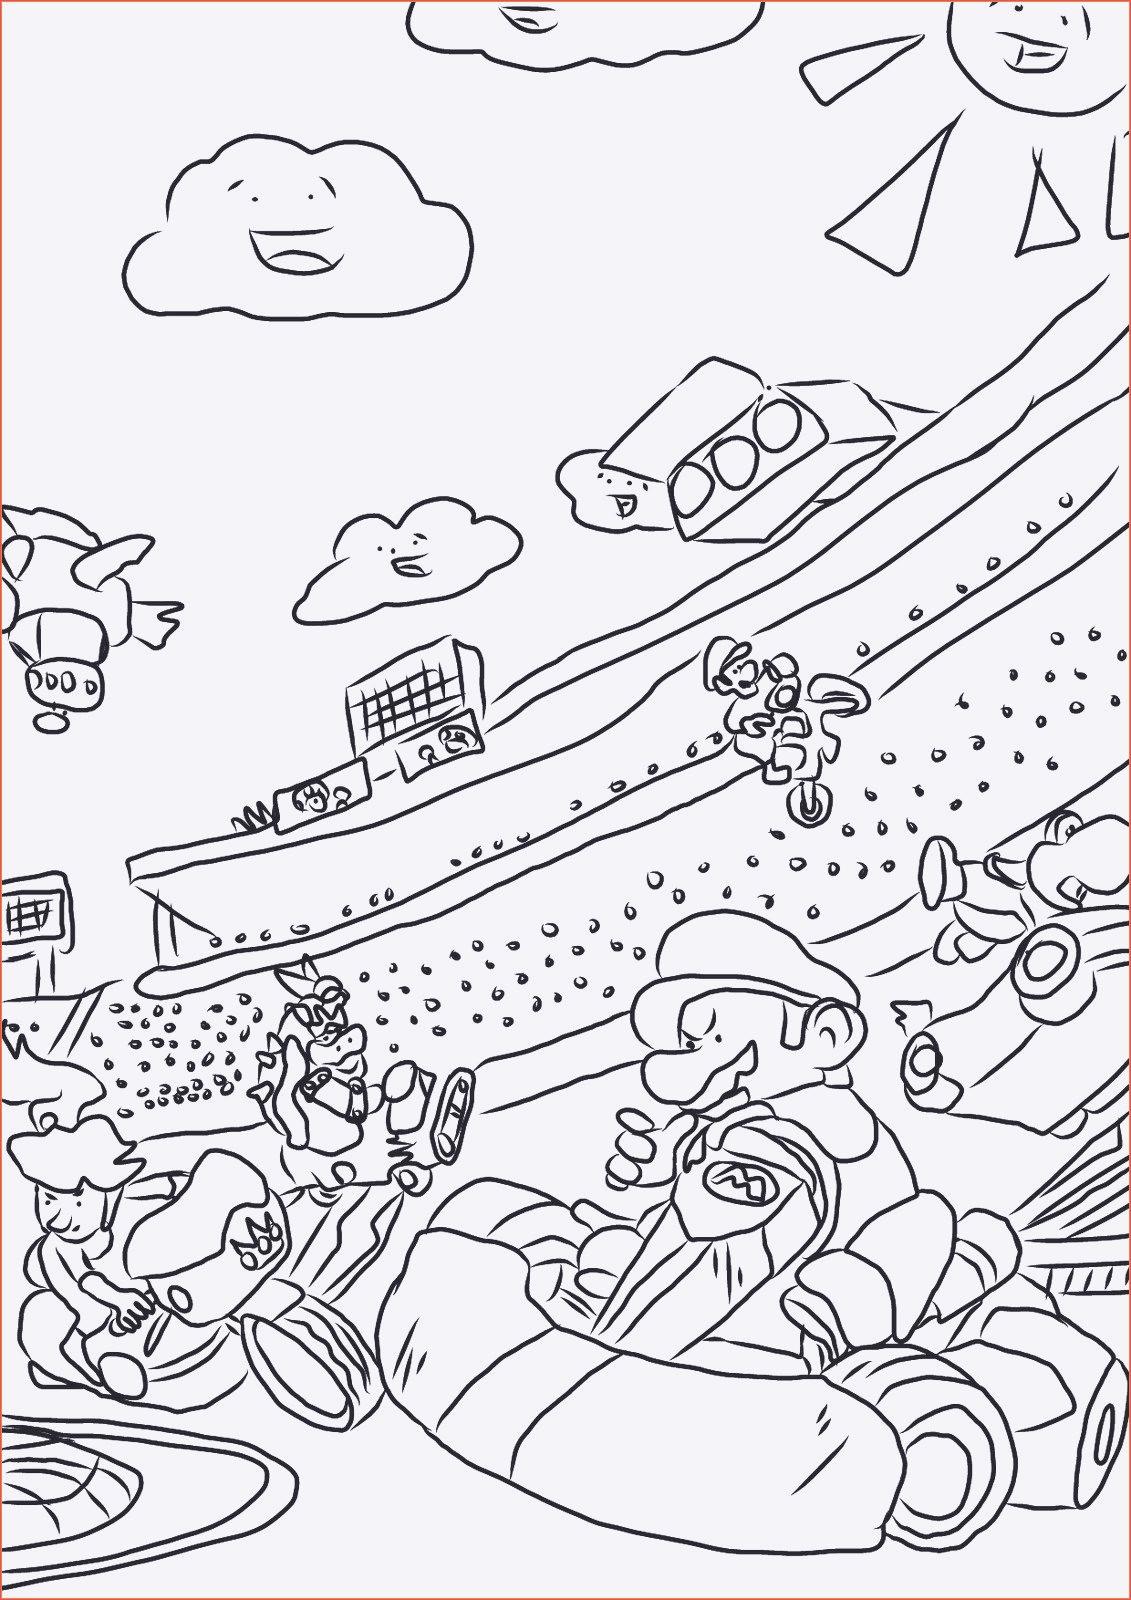 Ausmalbilder Mario Kart Inspirierend Ausmalbilder Mario Weihnachten Bilder